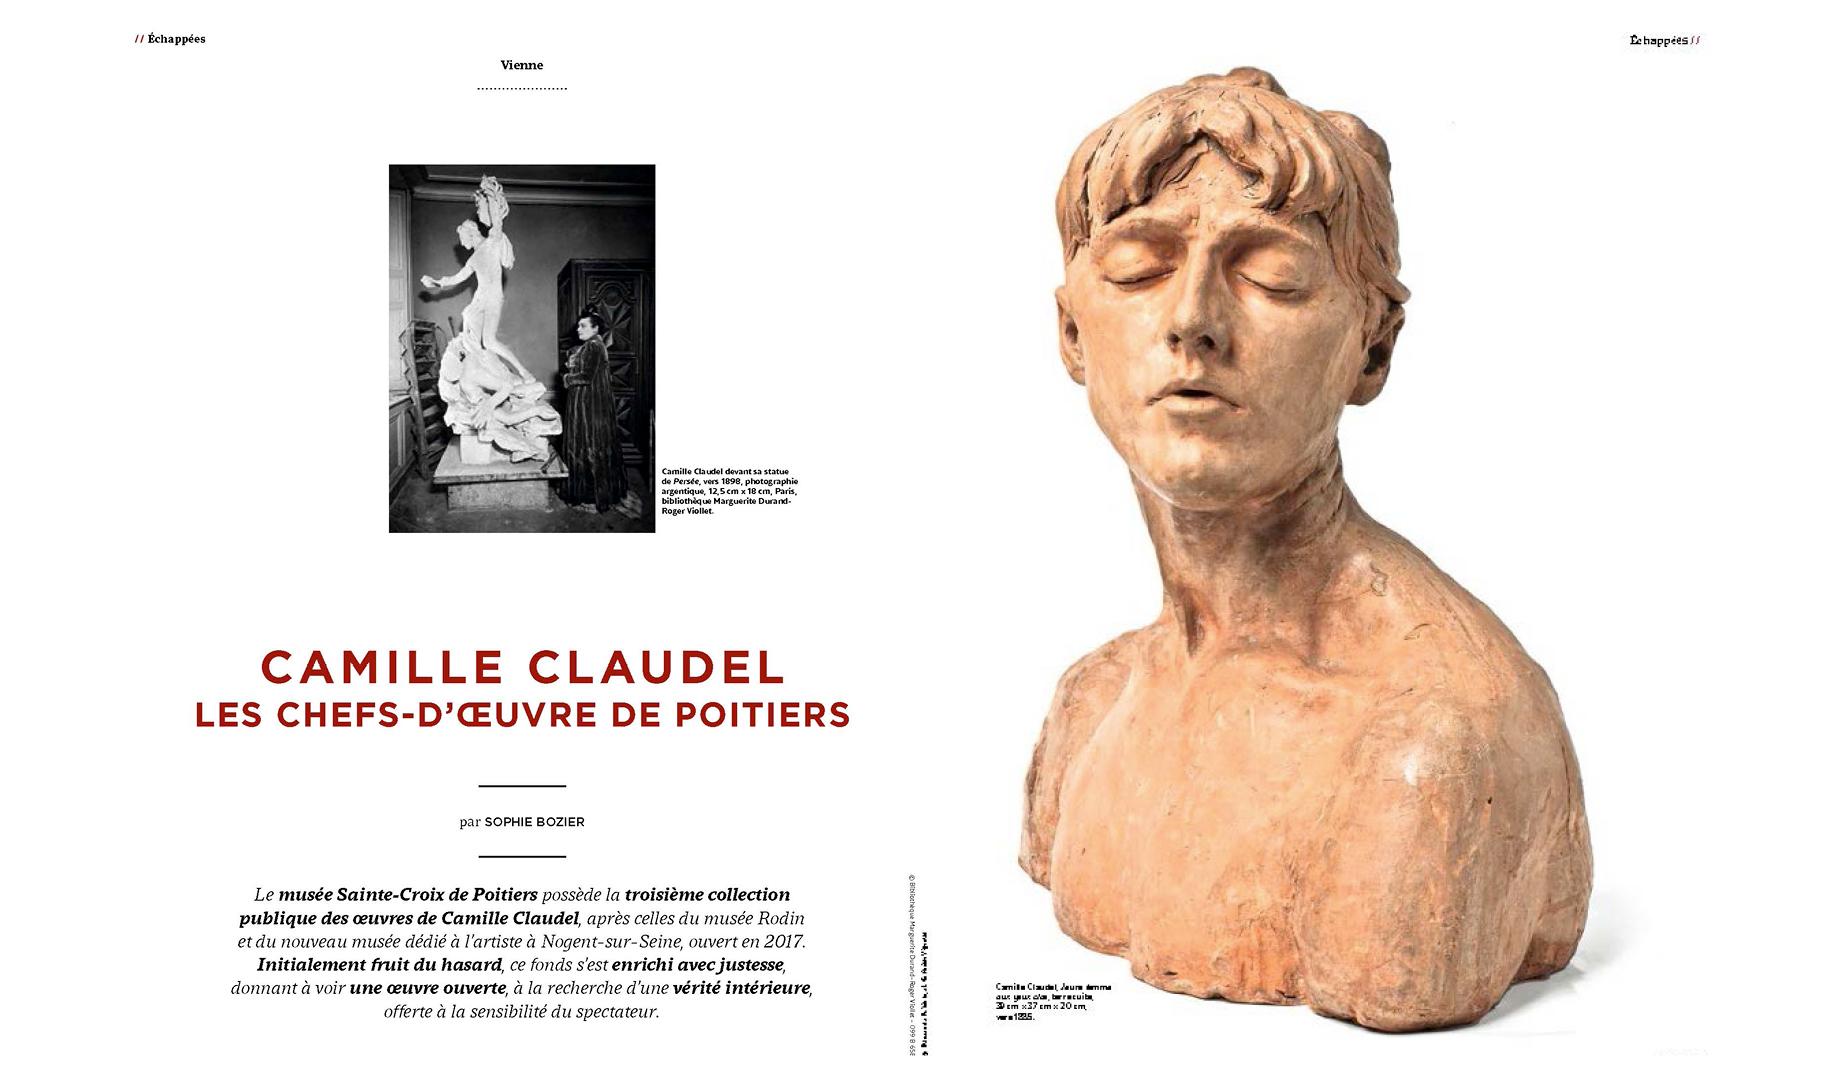 Camille Claudel - Les chefs-d'œuvre de Poitiers